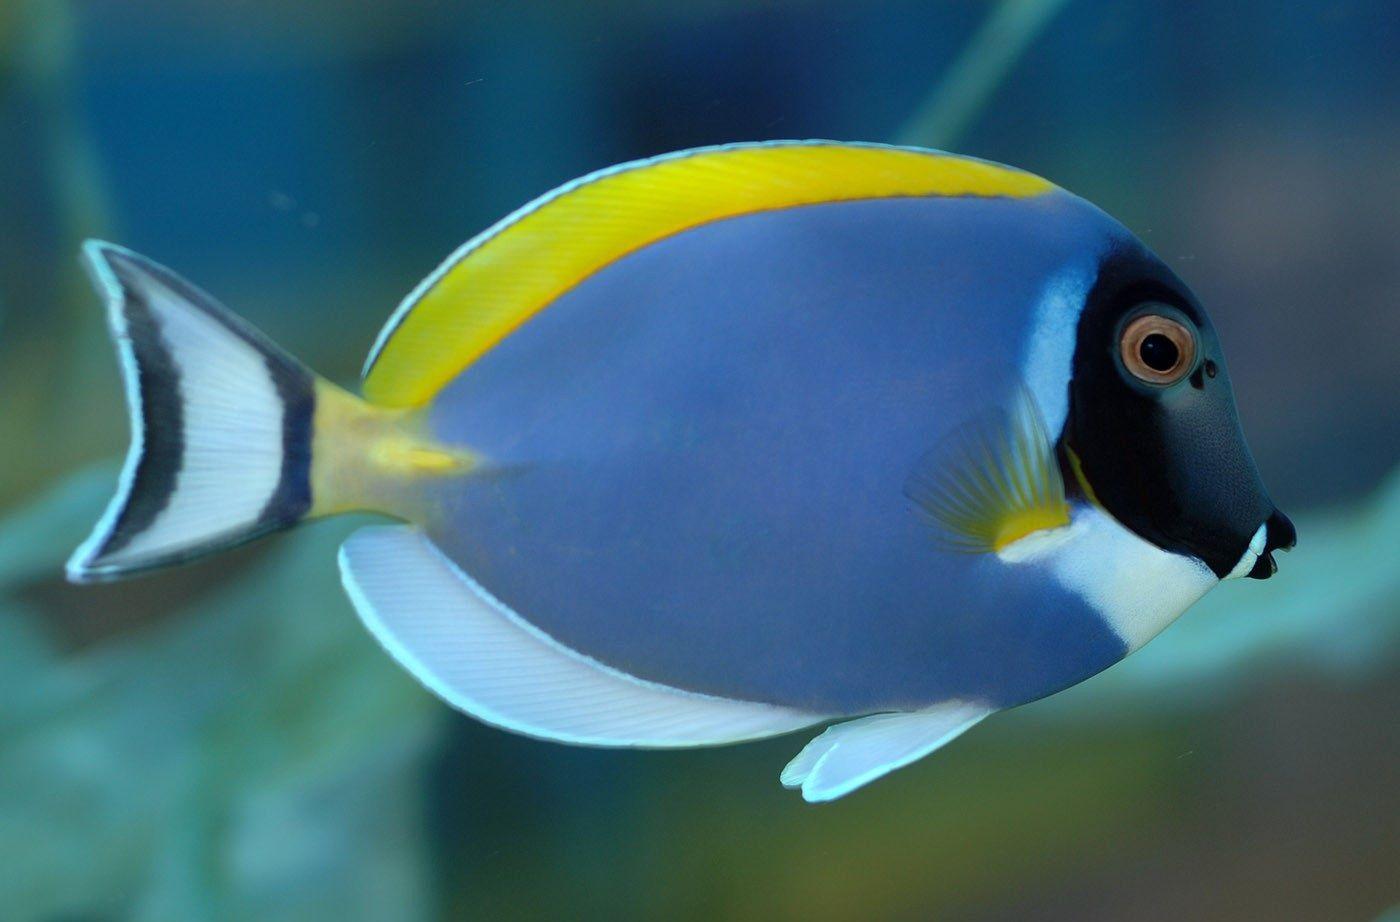 Tang Fish Tropical Freshwater Fish Saltwater Fish Tanks Sea Fish